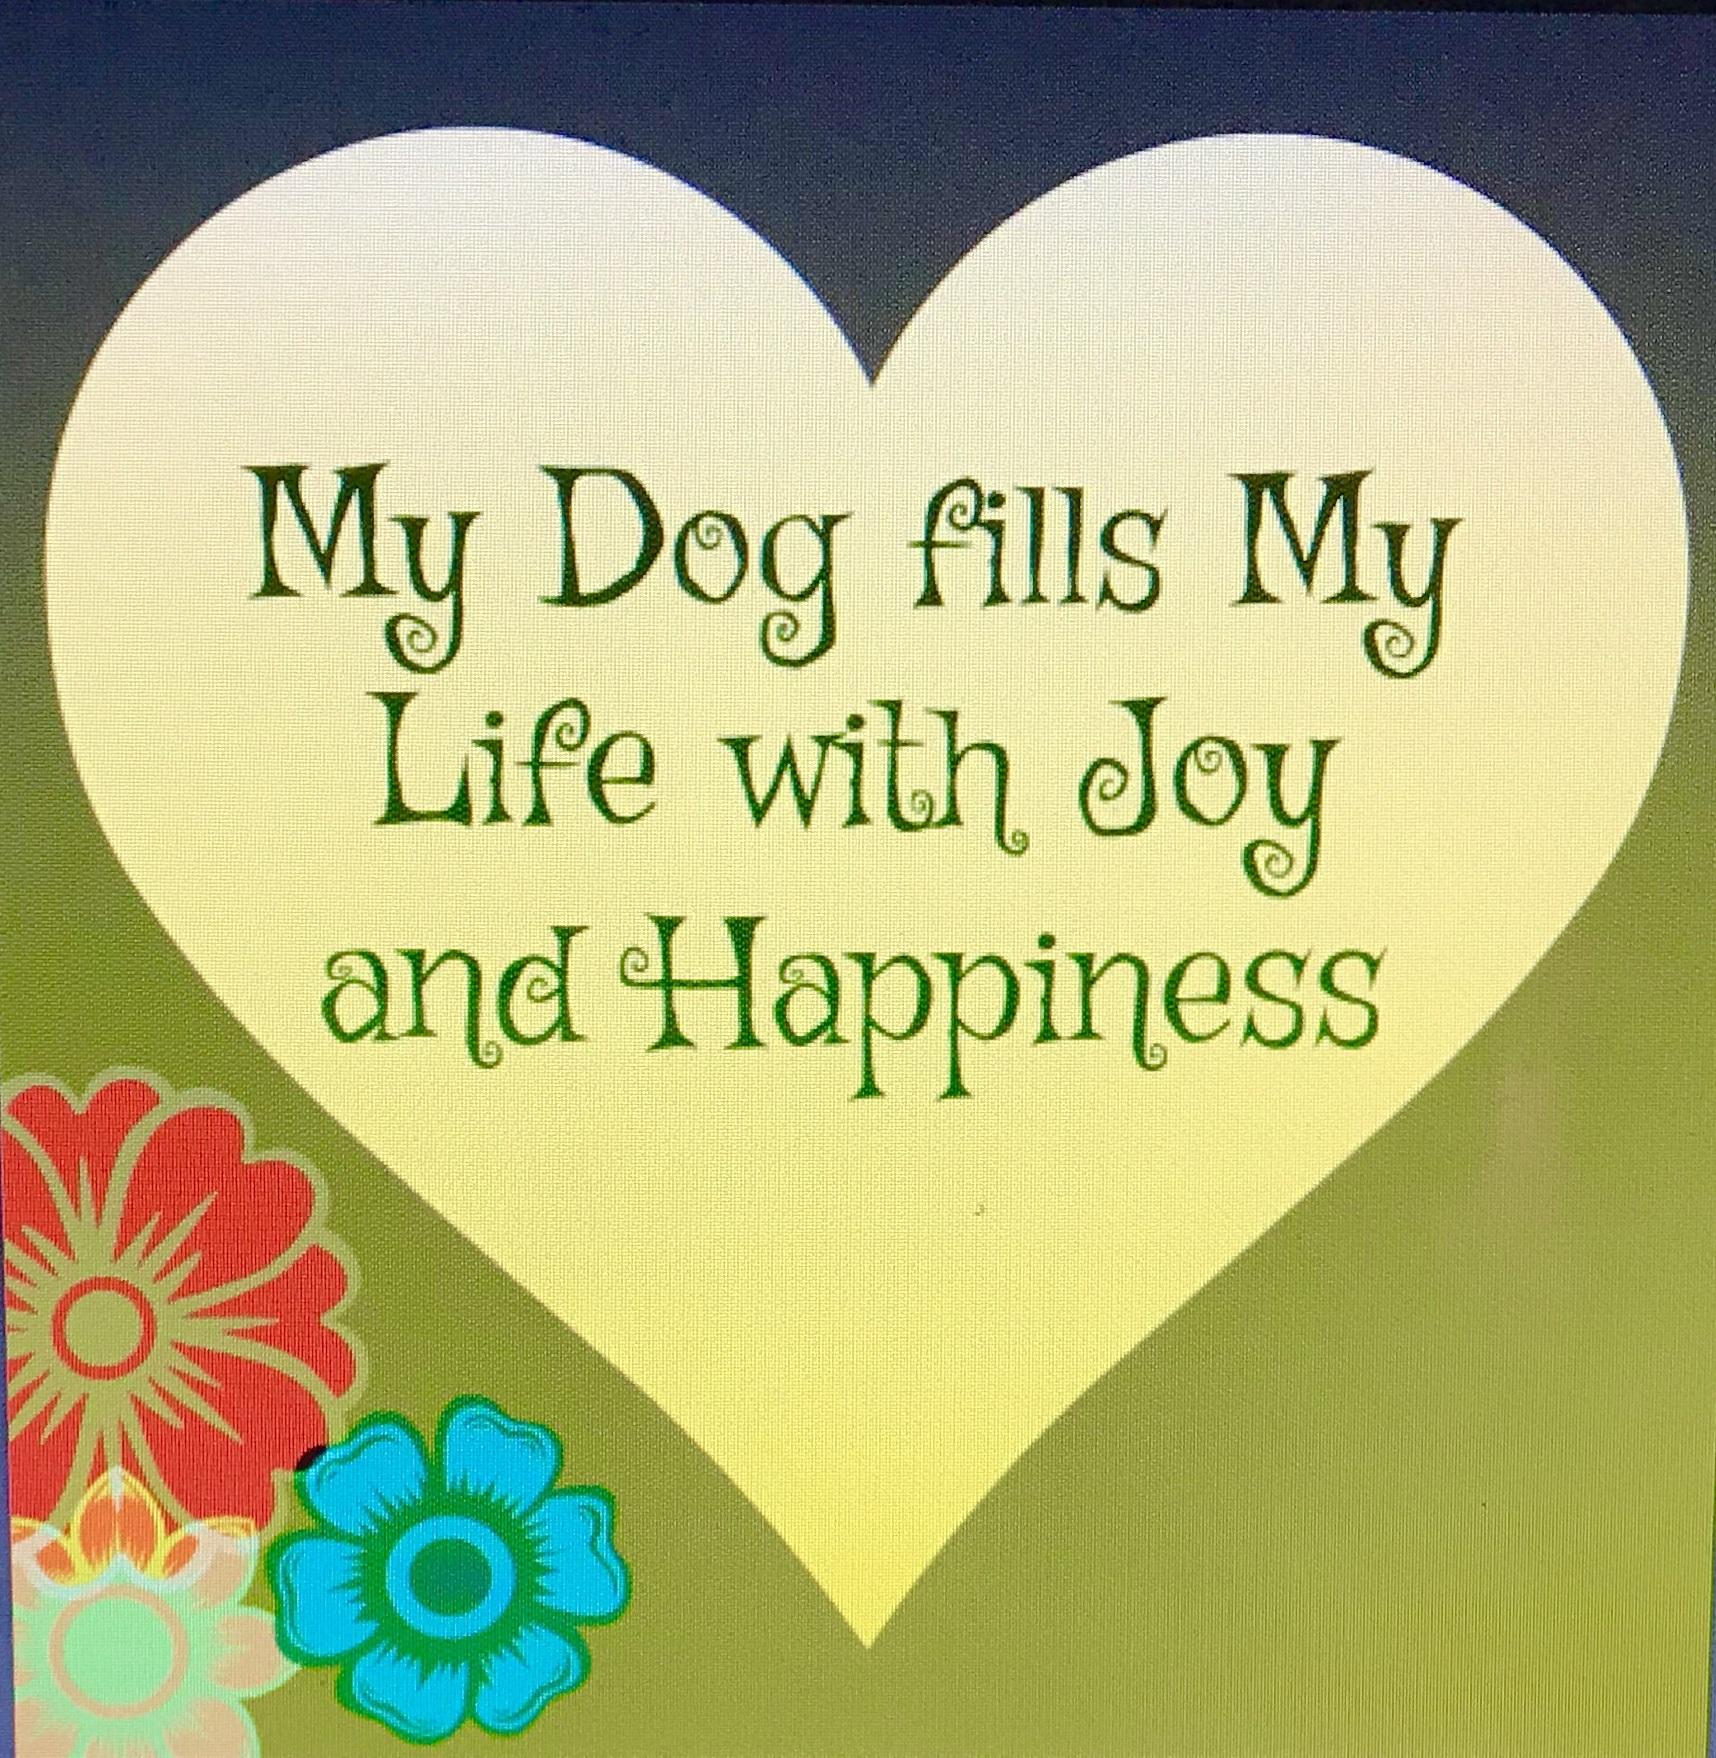 My Dog Affirmation.jpg